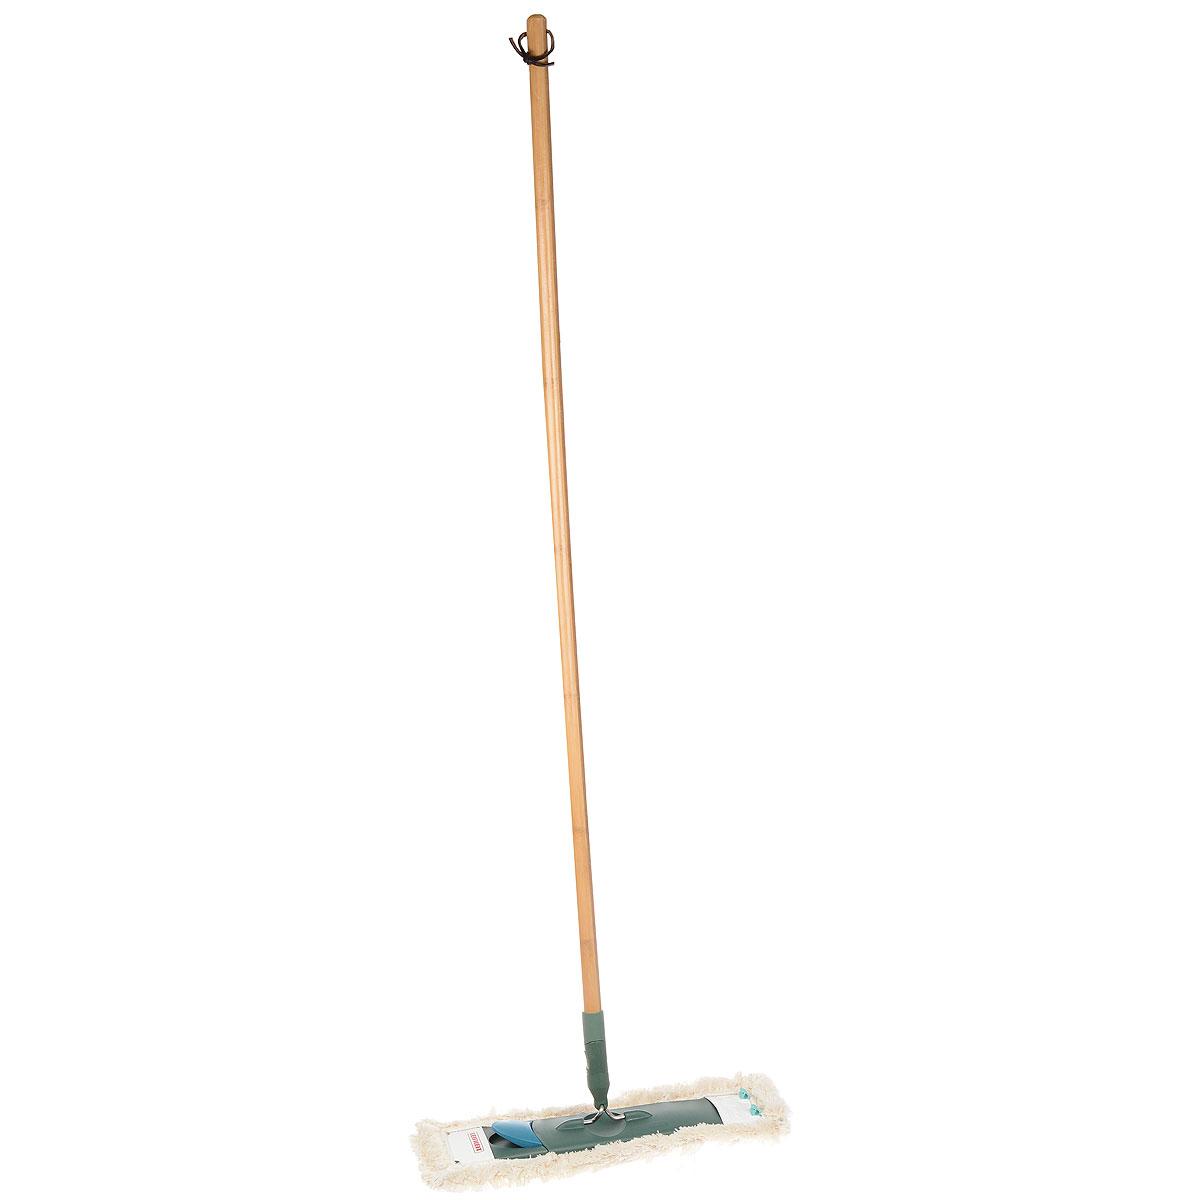 Claro EcoPerfect Швабра для пола55271Швабра с бамбуковой ручкой (135 см). Удобна и проста в эксплуатации. Не требует специального ведра для отжима. Имеет насадку с большим содержанием хлопка и высокой степенью впитывания воды и грязи.Ширина рабочей поверхности 42 см.Подходит сменная насадка Eco Perfect арт. 55272 и Profi.